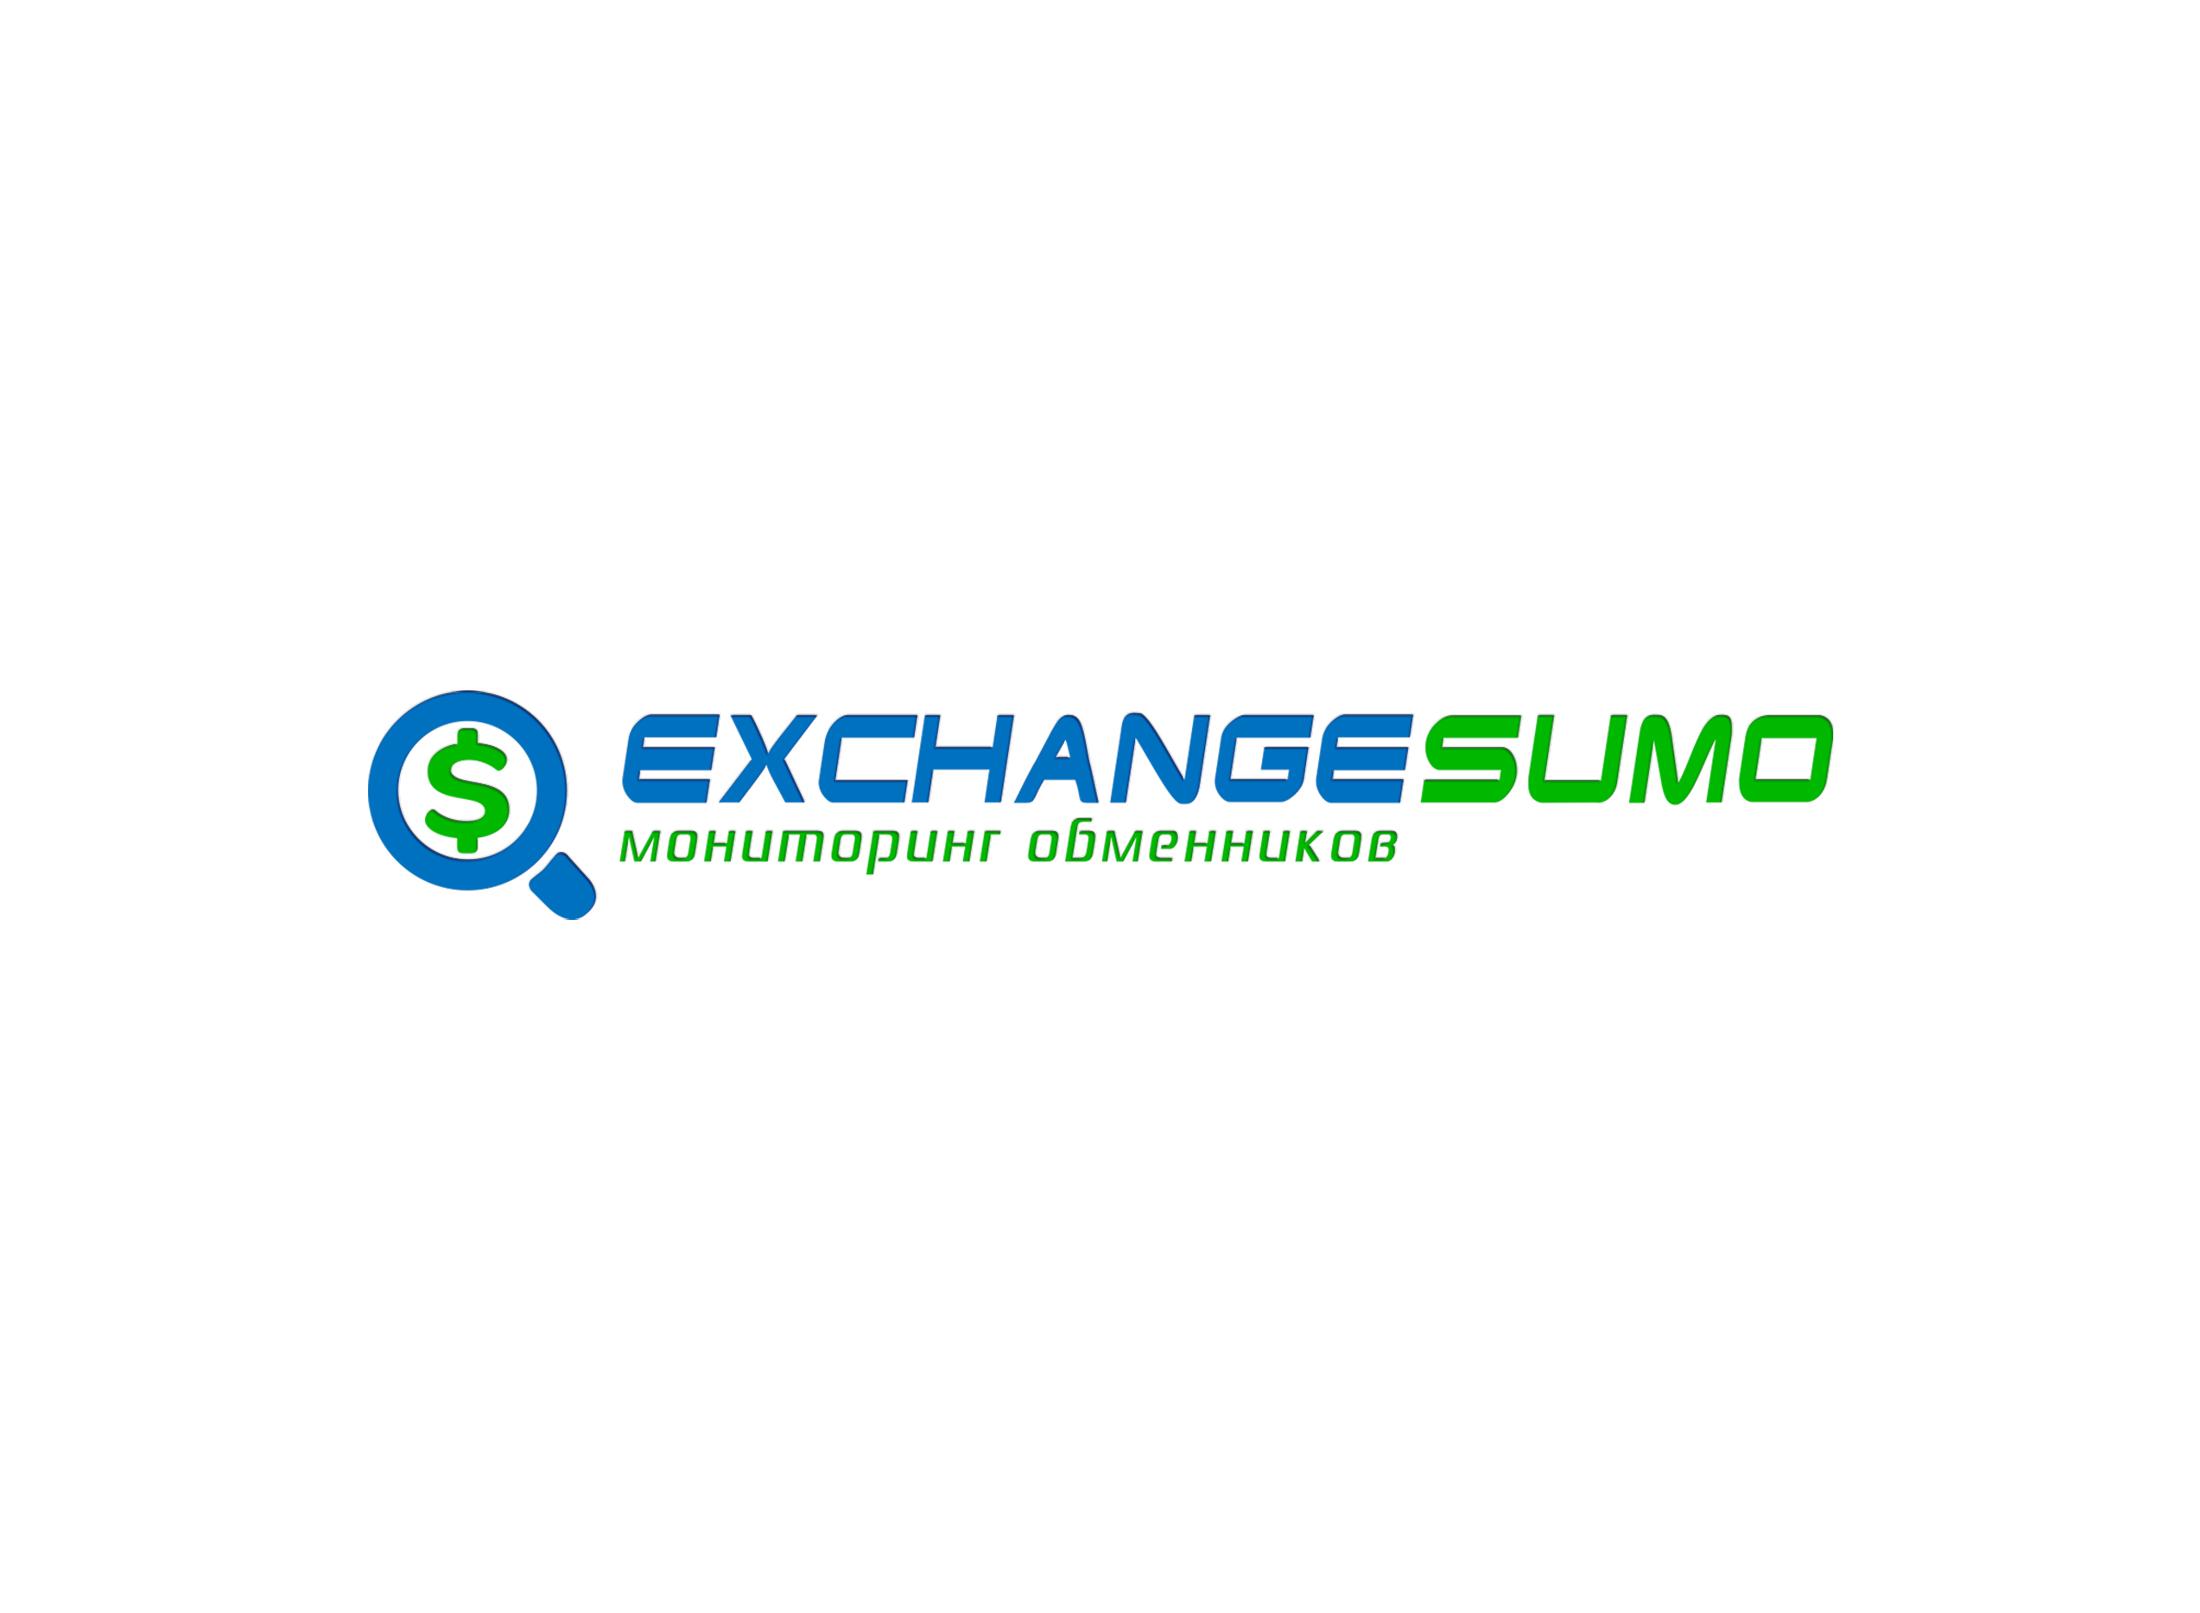 Логотип для мониторинга обменников фото f_4965bb3dbd43dc23.jpg